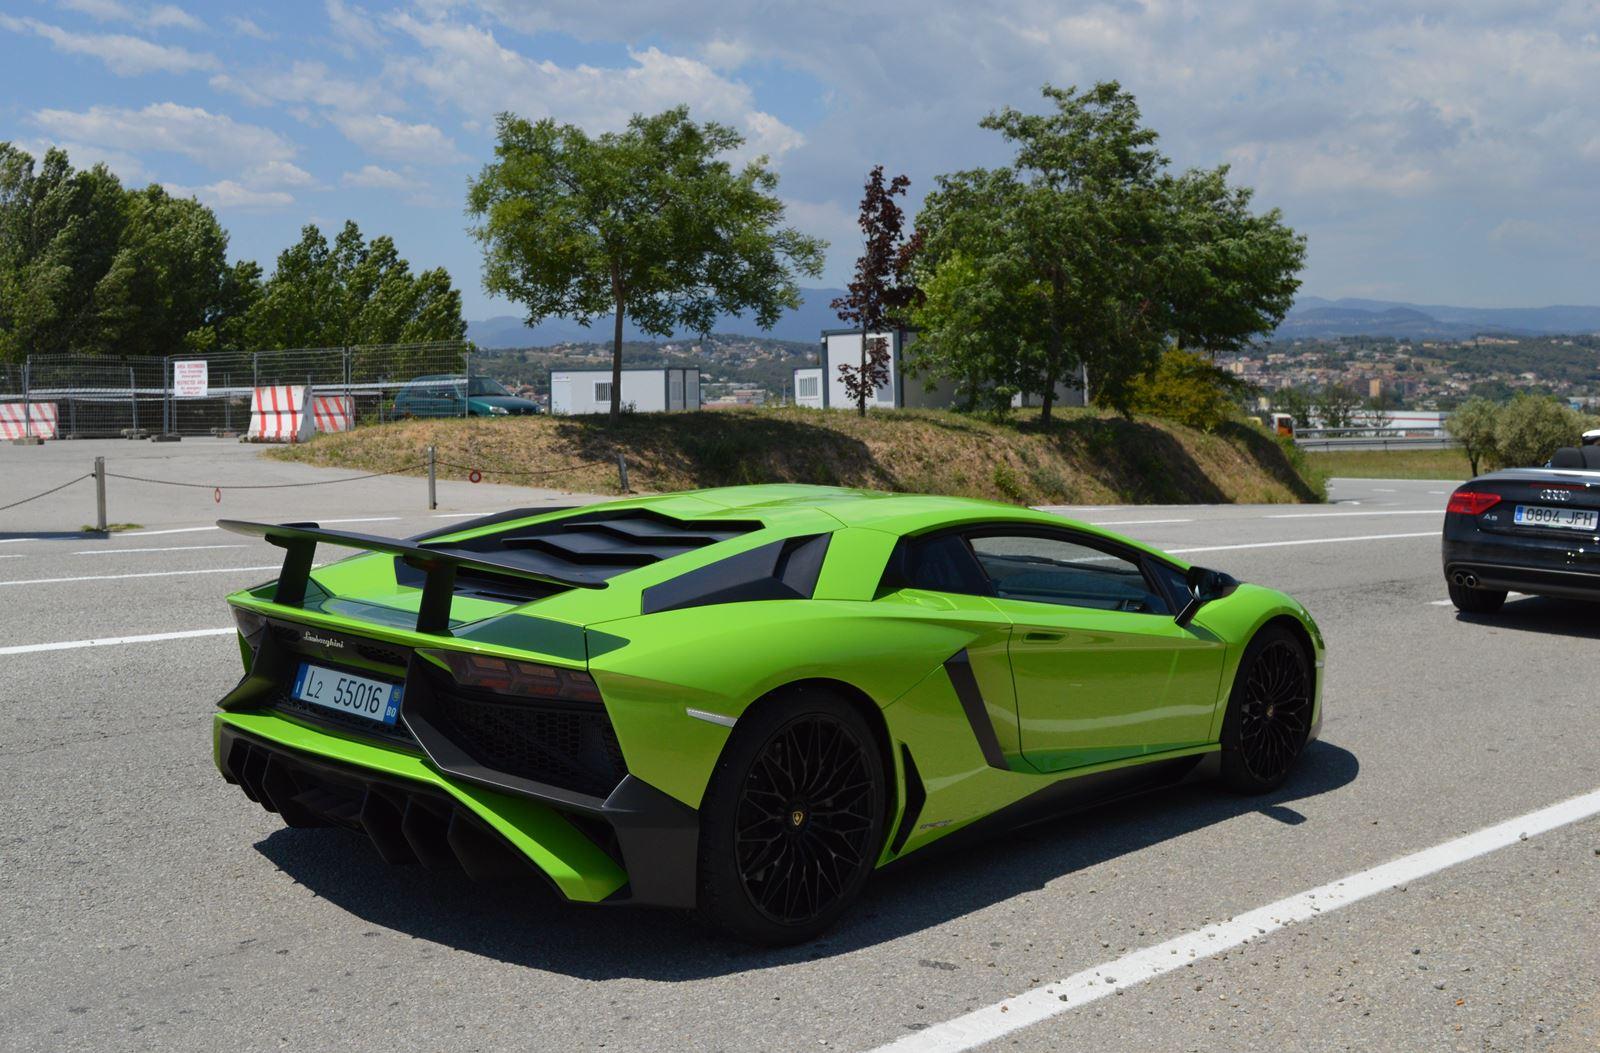 Lamborghini Aventador Sv Verde Ithaca X2